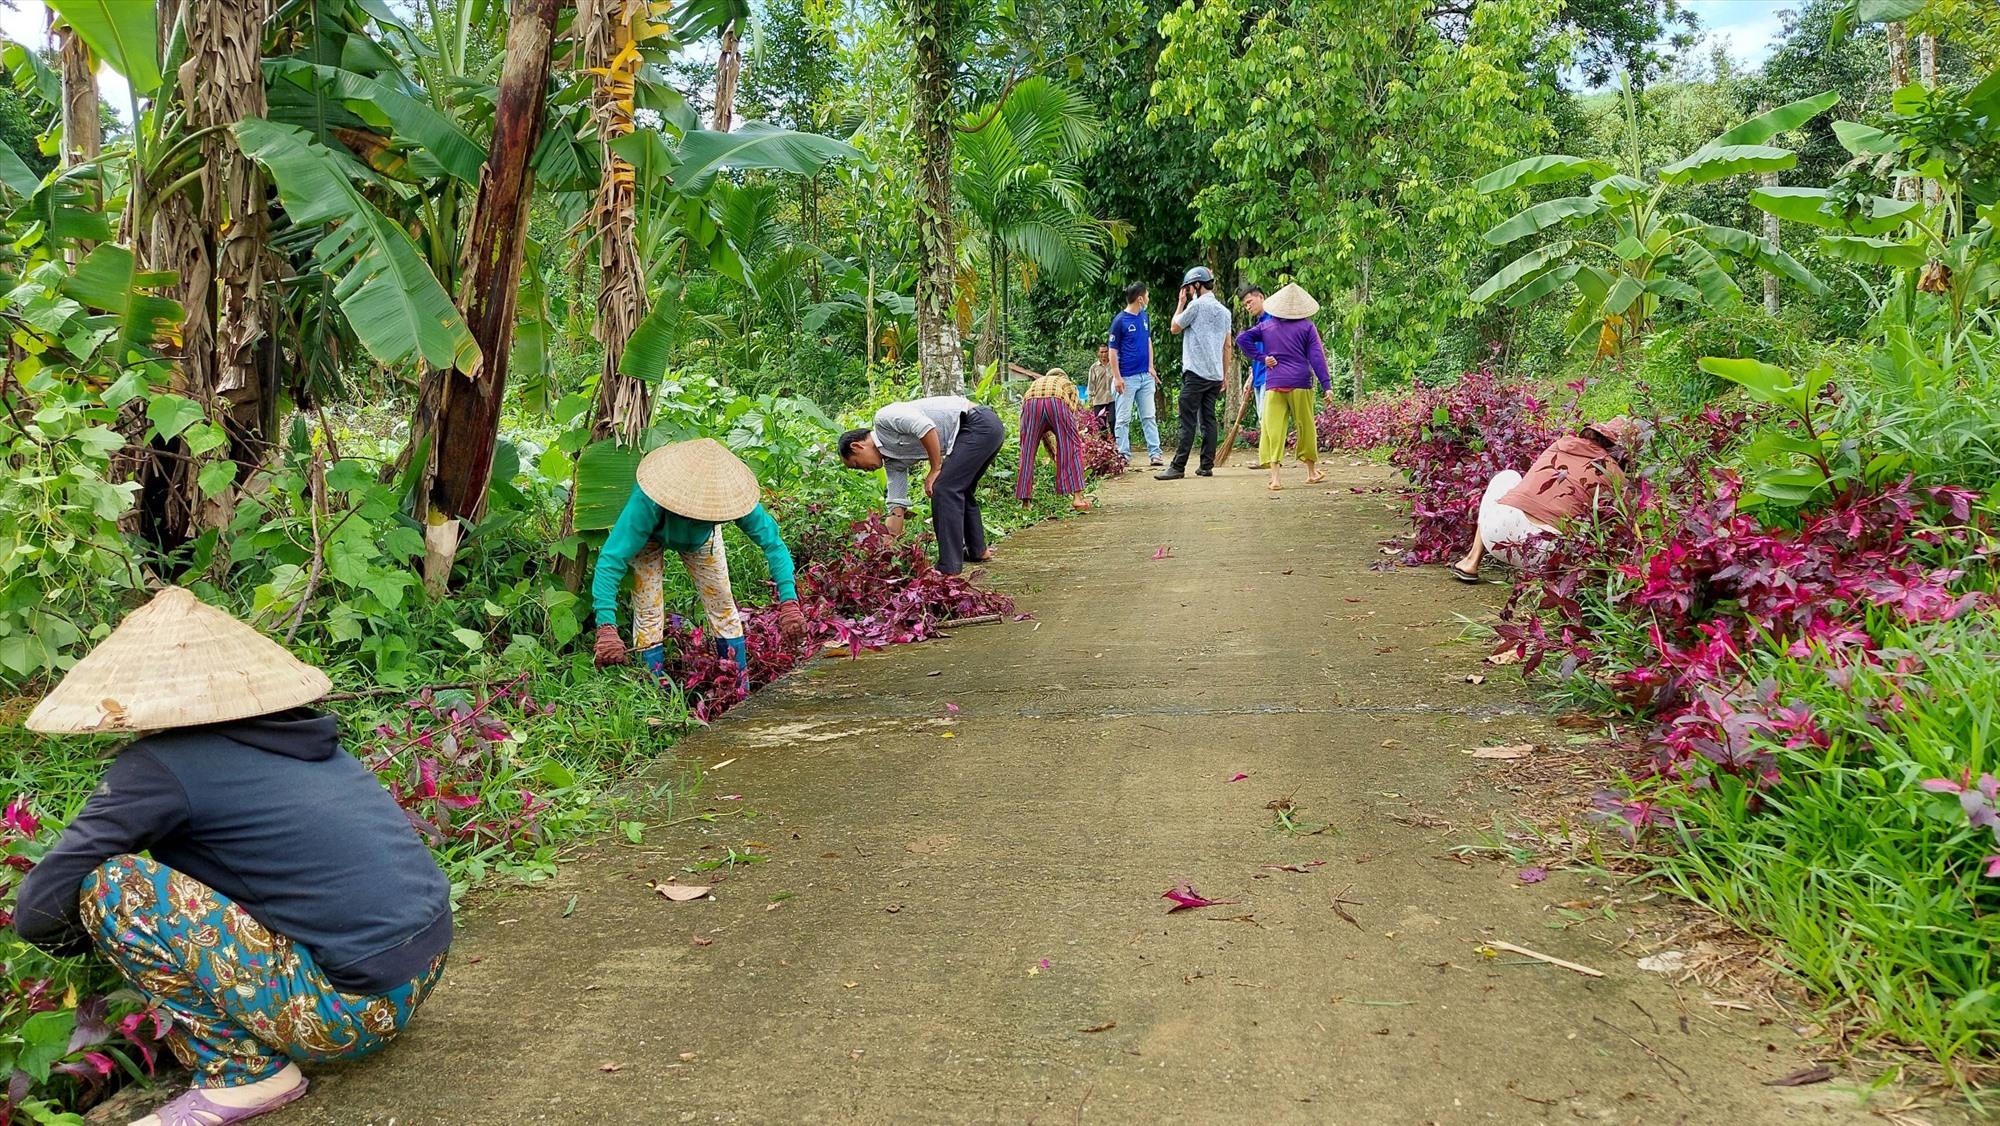 Hội LHPN xã Trà Đông chung tay xây dựng đường hoa xanh - sạch - đẹp. Ảnh: TRÀ MY